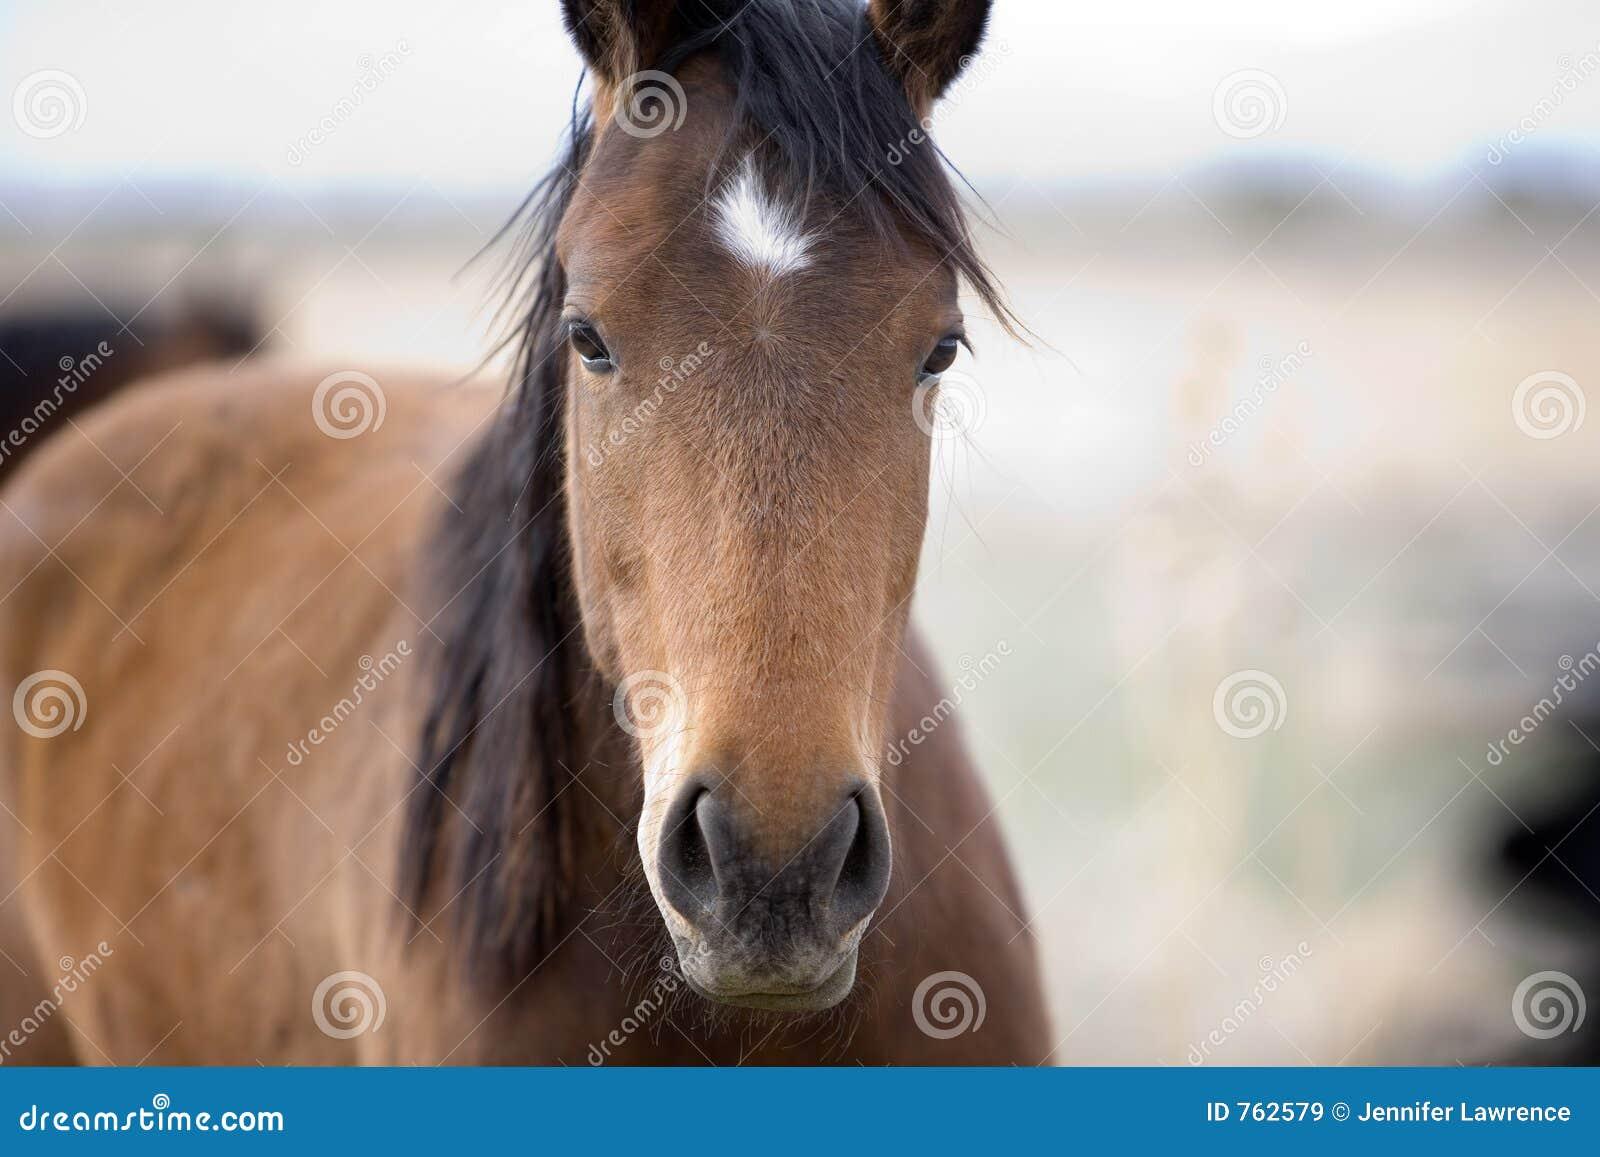 visage doux de cheval images libres de droits image 762579. Black Bedroom Furniture Sets. Home Design Ideas